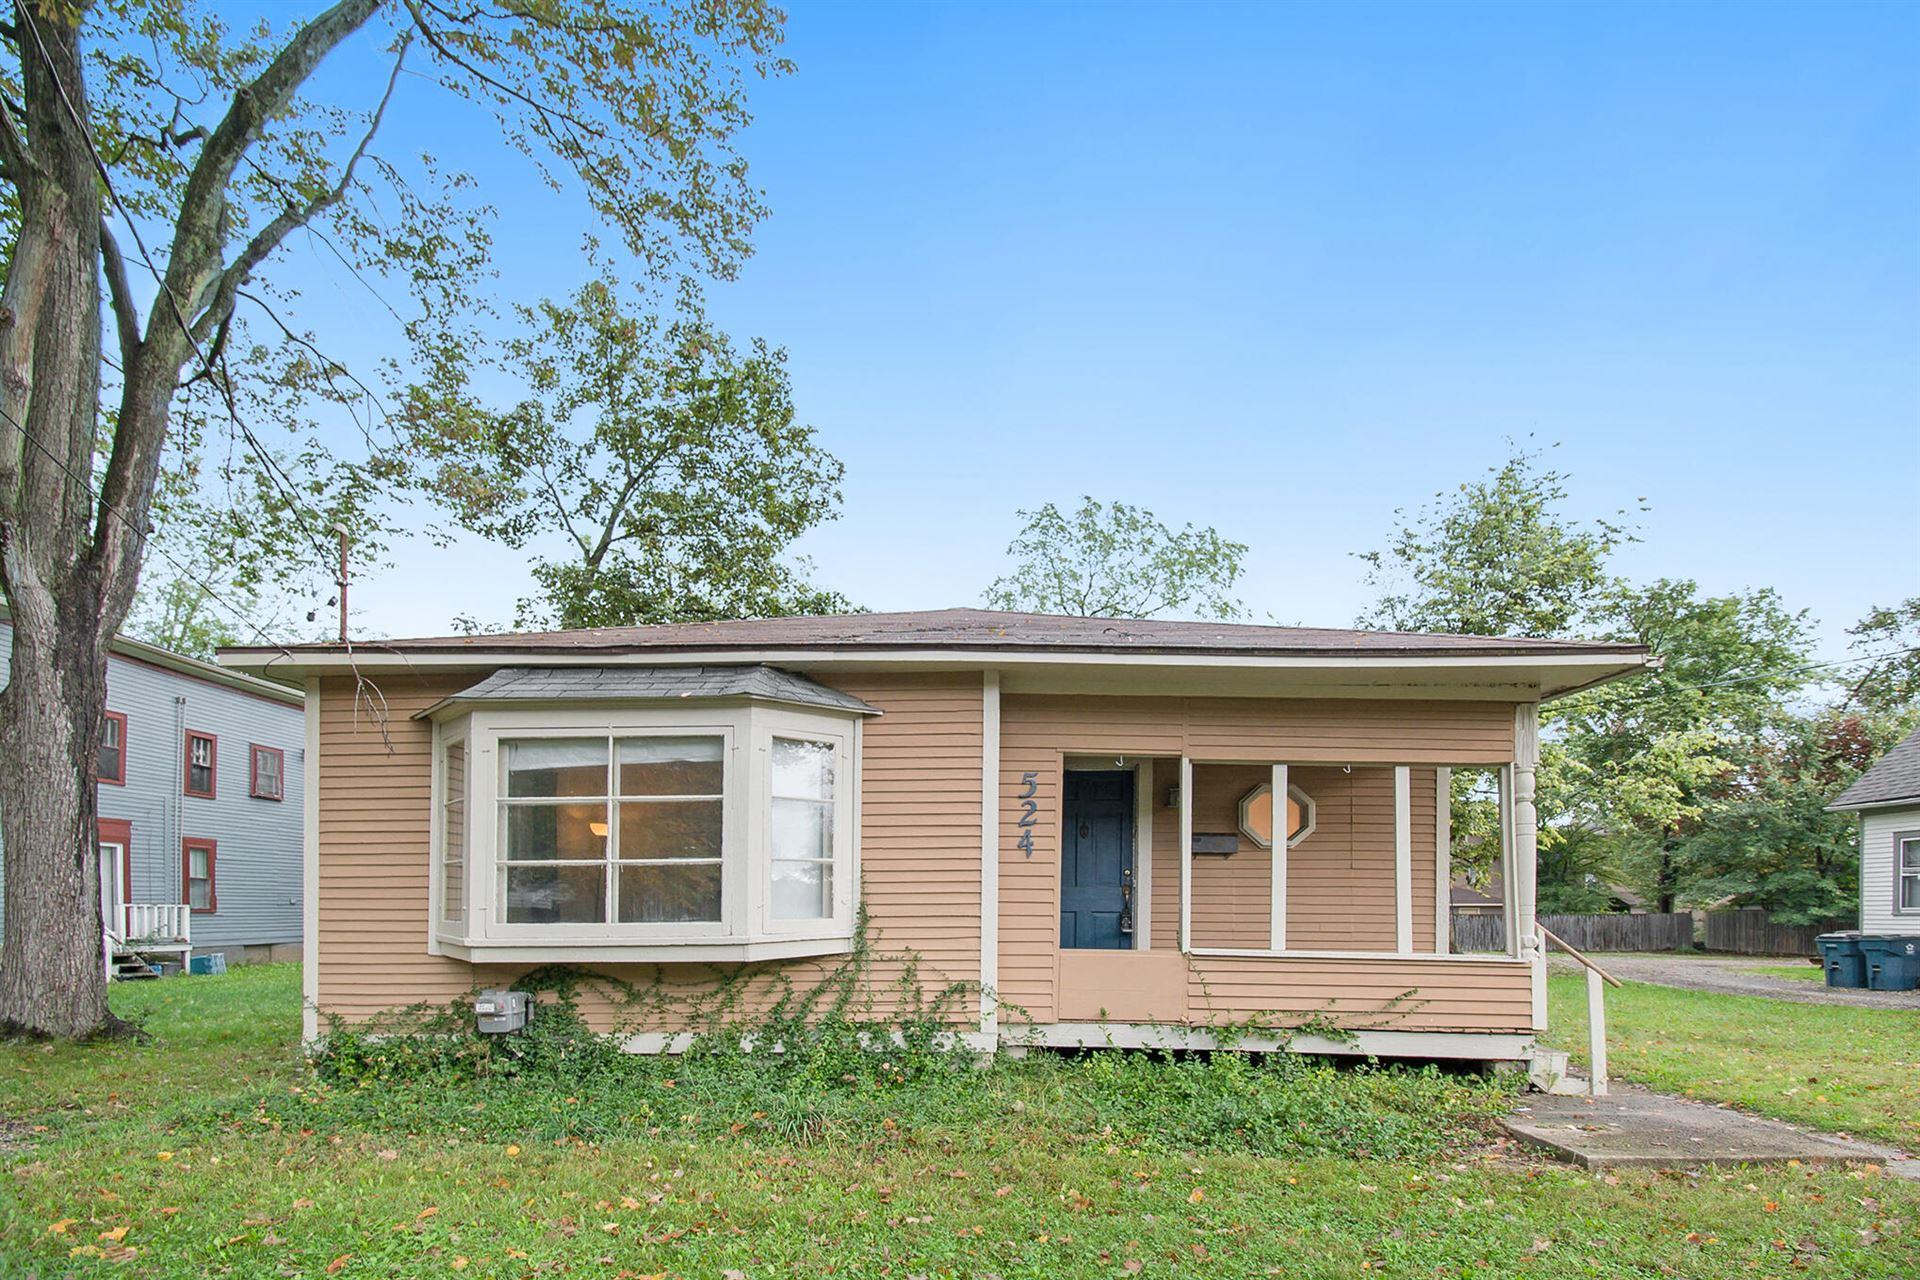 524 Mccourtie Street, Kalamazoo, MI 49008 - MLS#: 21110511